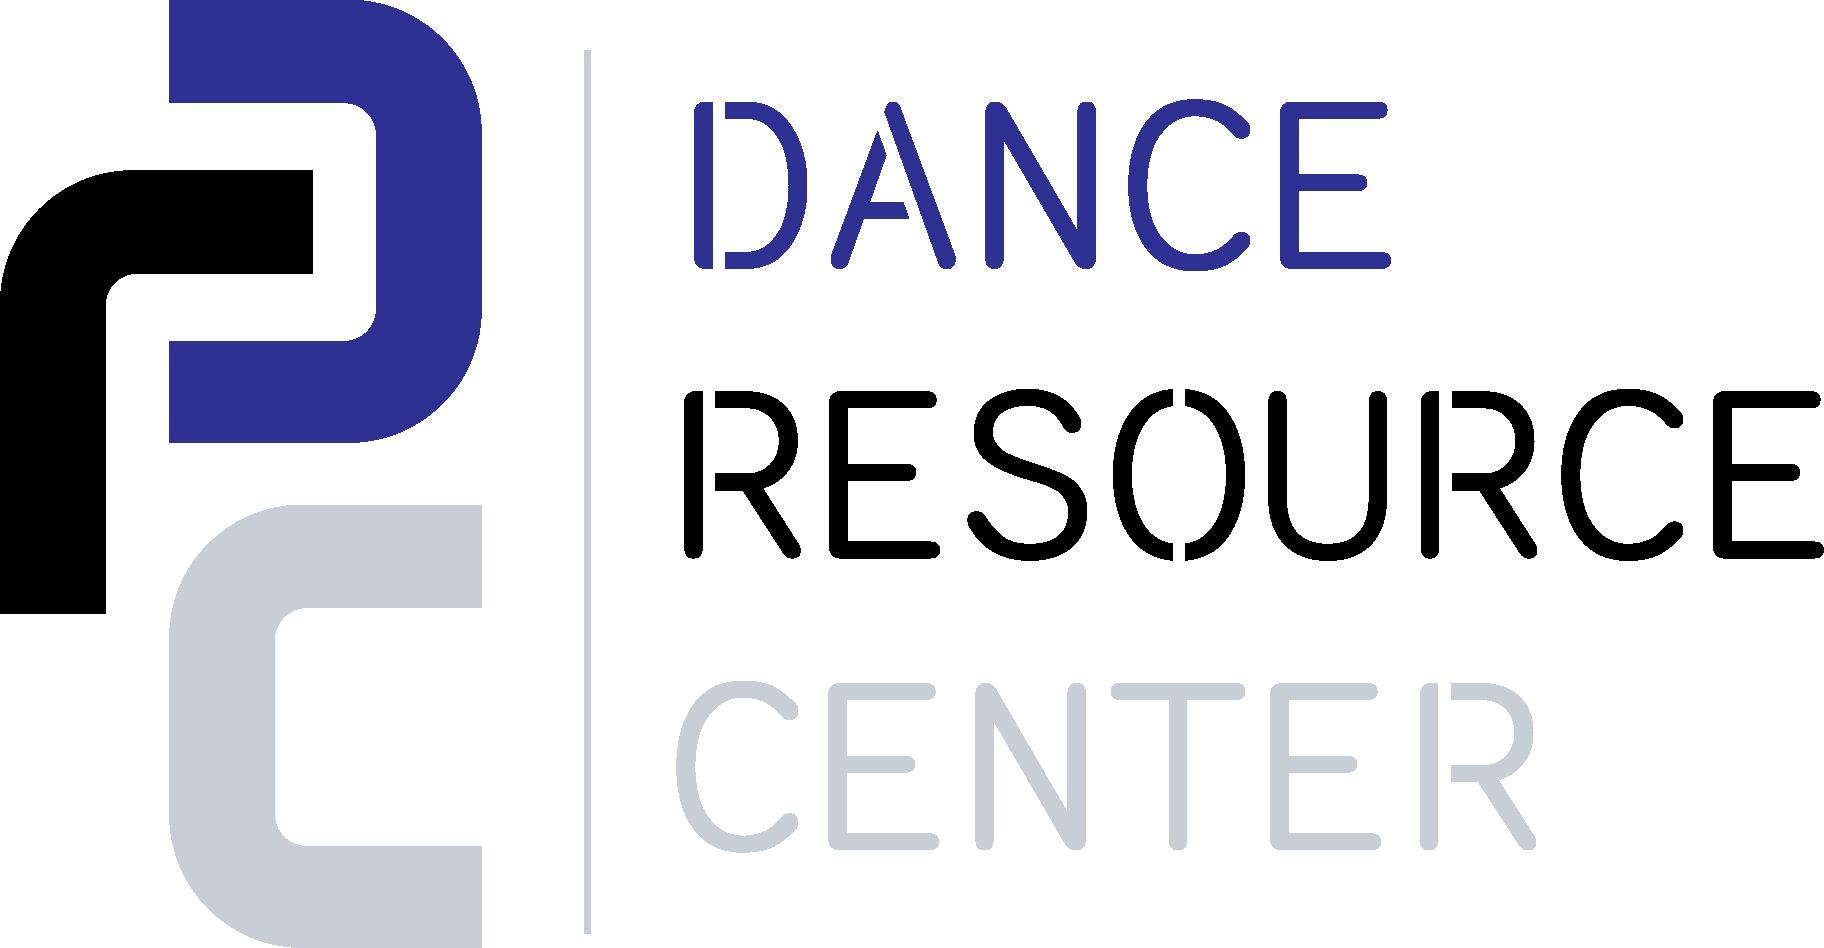 The Dance Resource Center LA